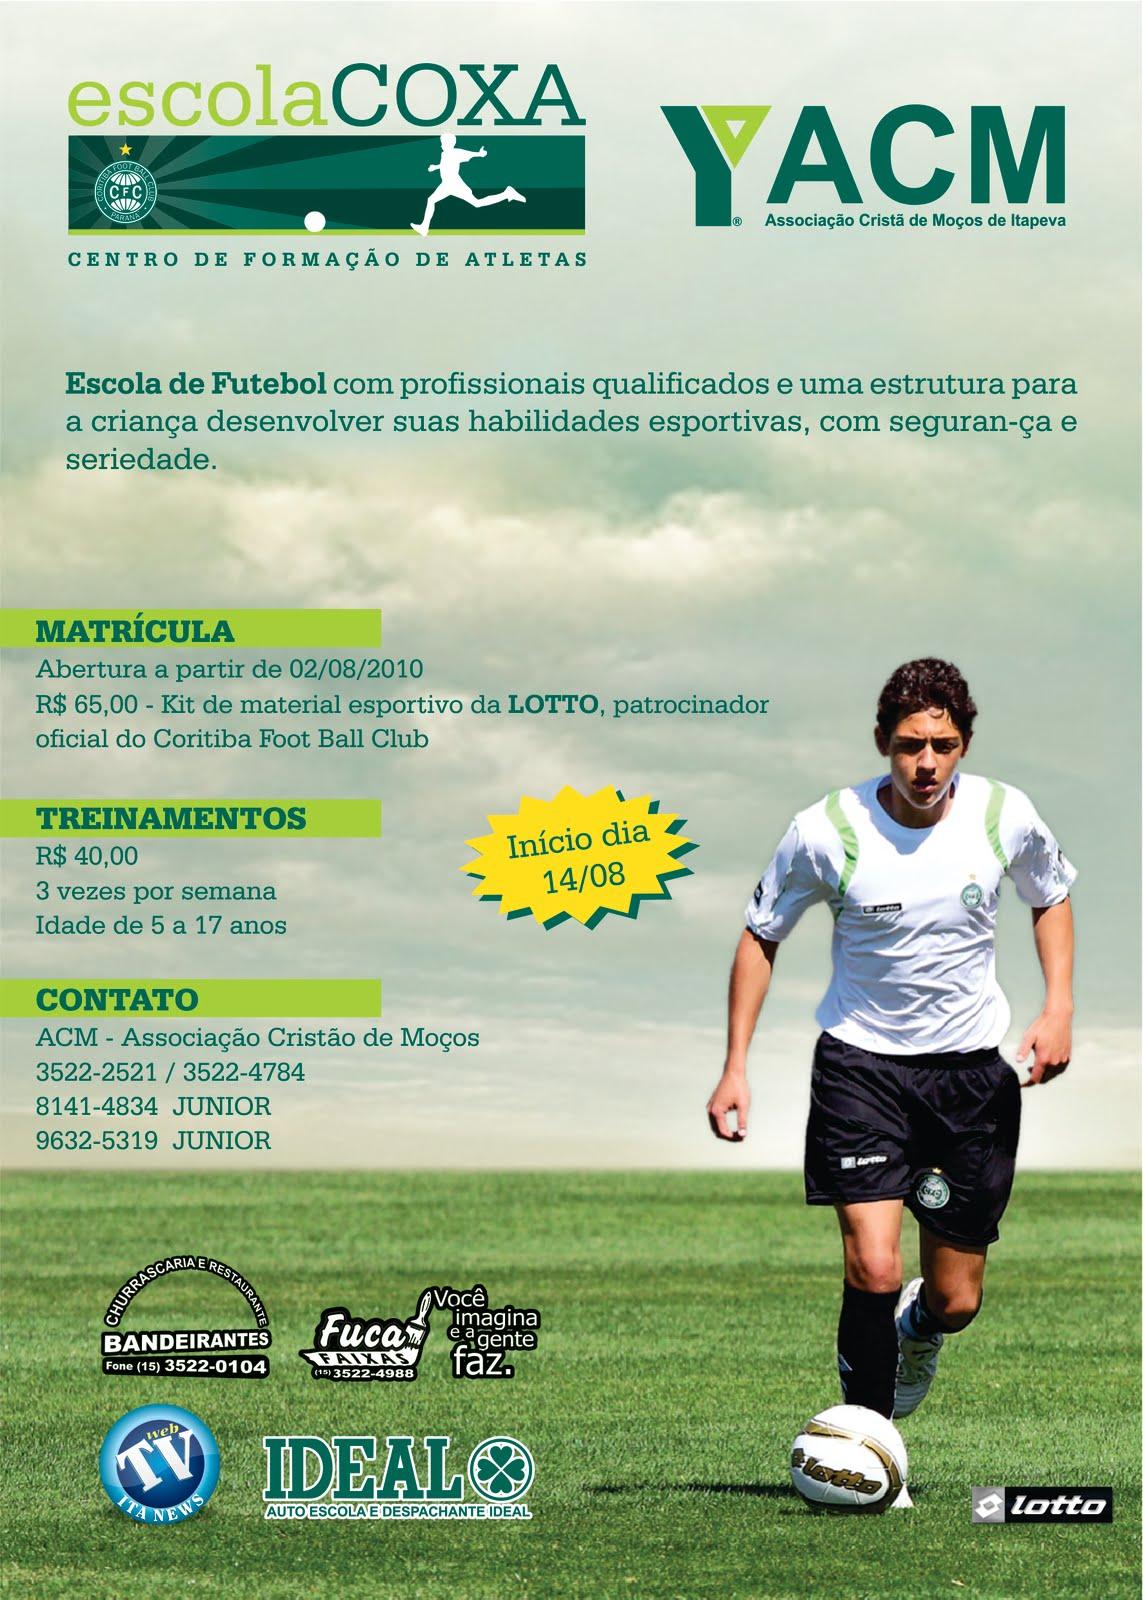 140df14609 O Coritiba Futebol Clube está instalando em Itapeva um centro de formação  de atletas